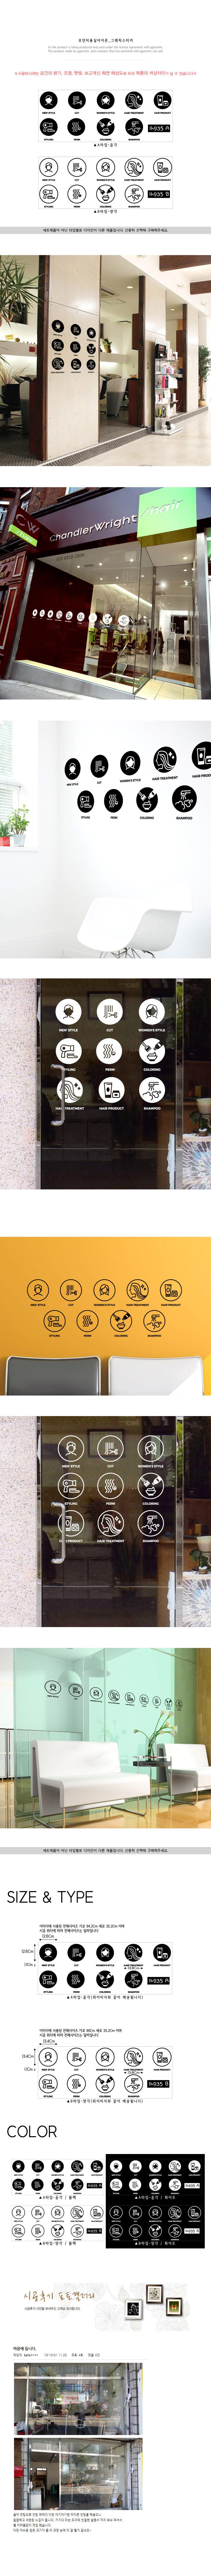 ih935-모던미용실아이콘_그래픽스티커 - 꾸밈, 16,000원, 월데코스티커, 사물/동물